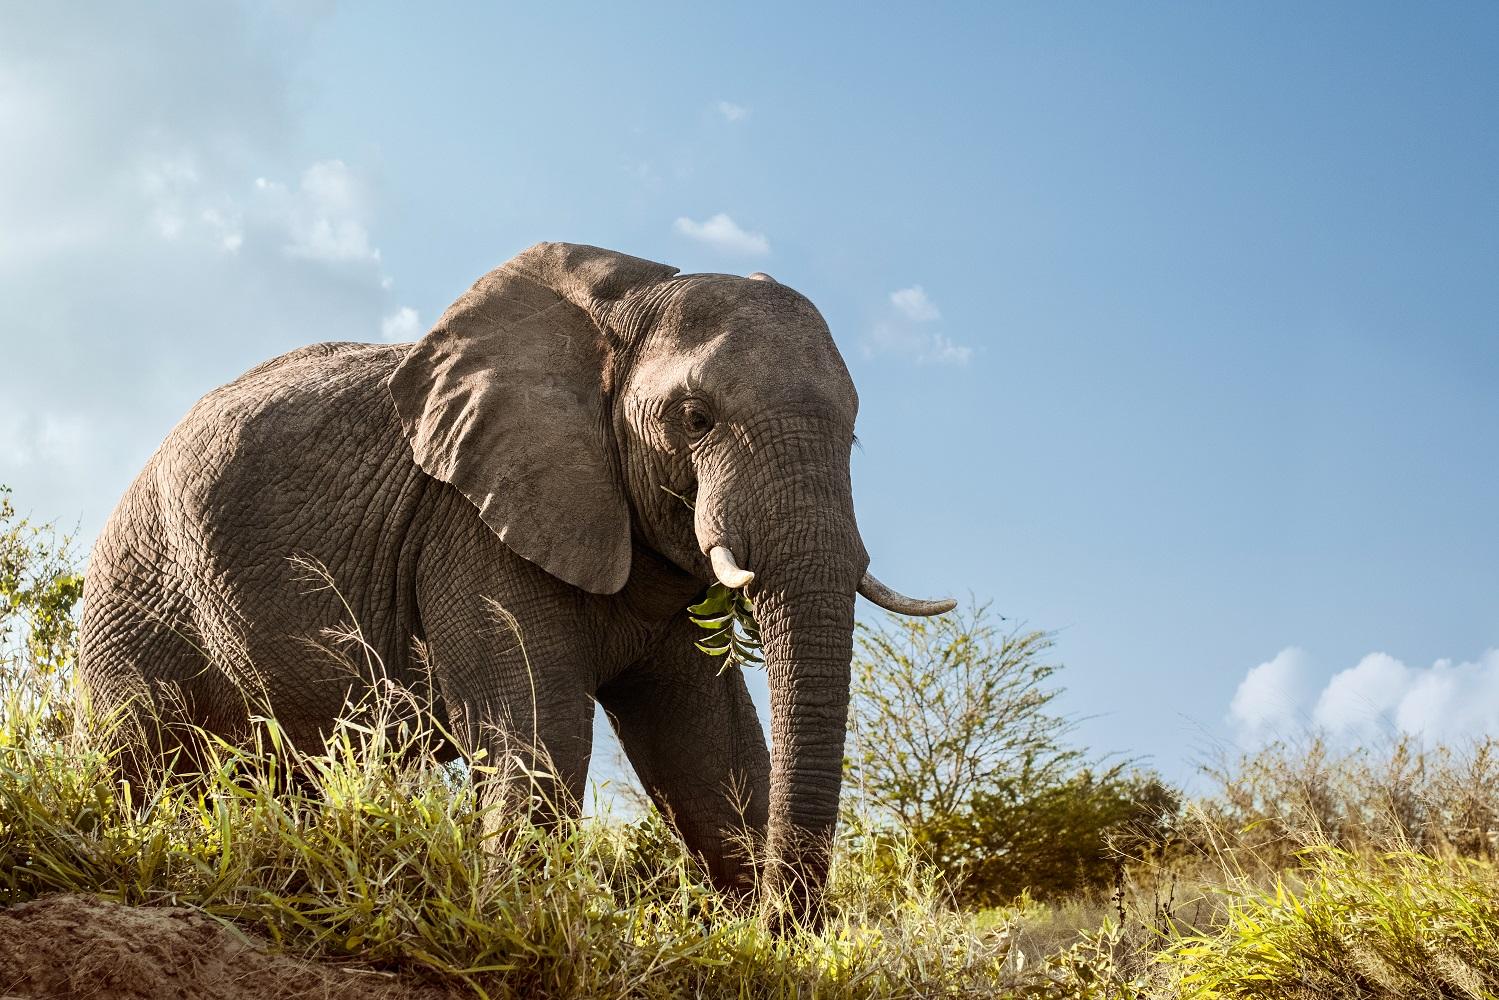 Mein Schiff Ausflug: Elefanten entdecken in Südafrika